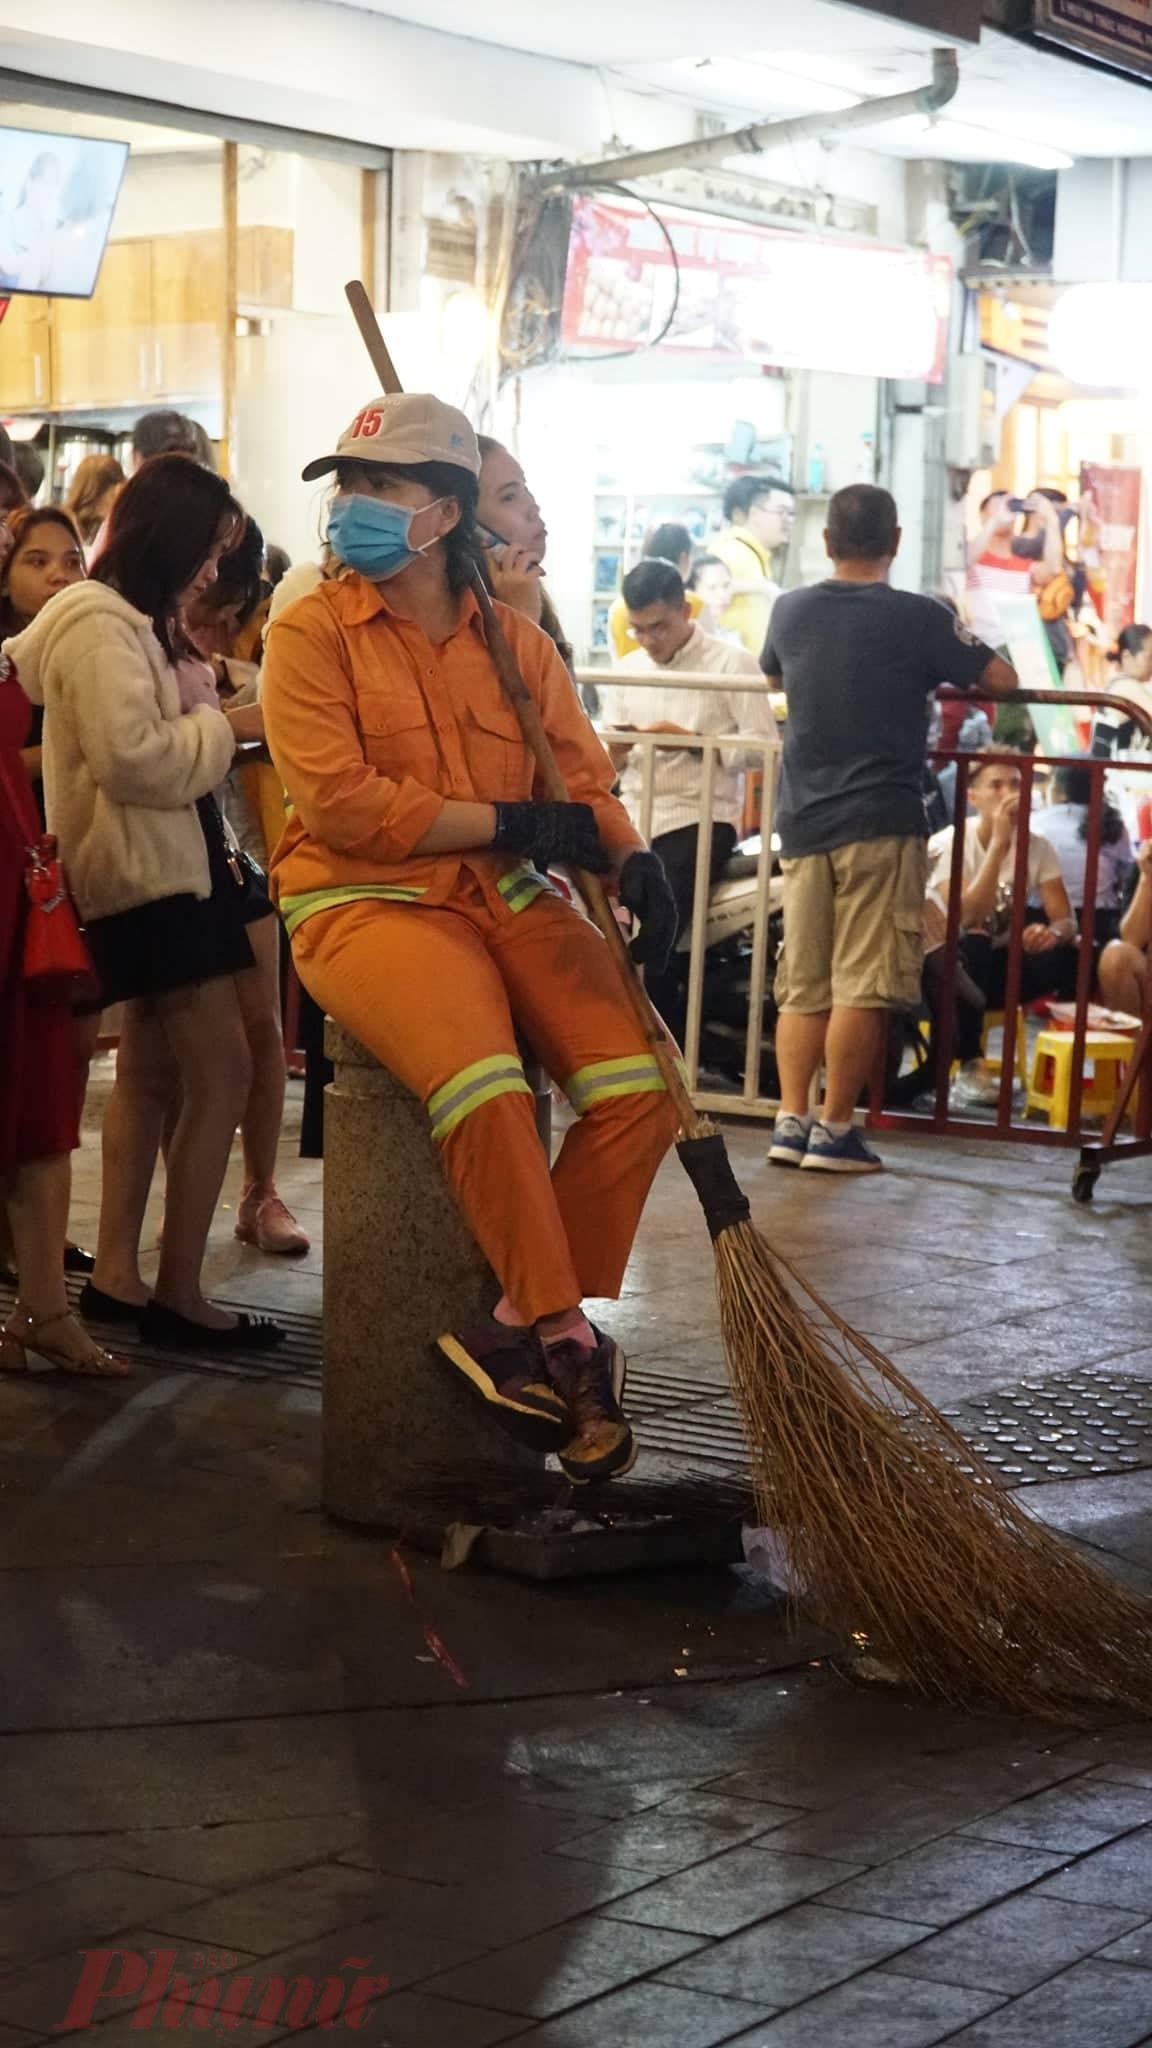 Nữ công nhân vệ sinh cũng trang bị khẩu trang để bảo vệ bản thân